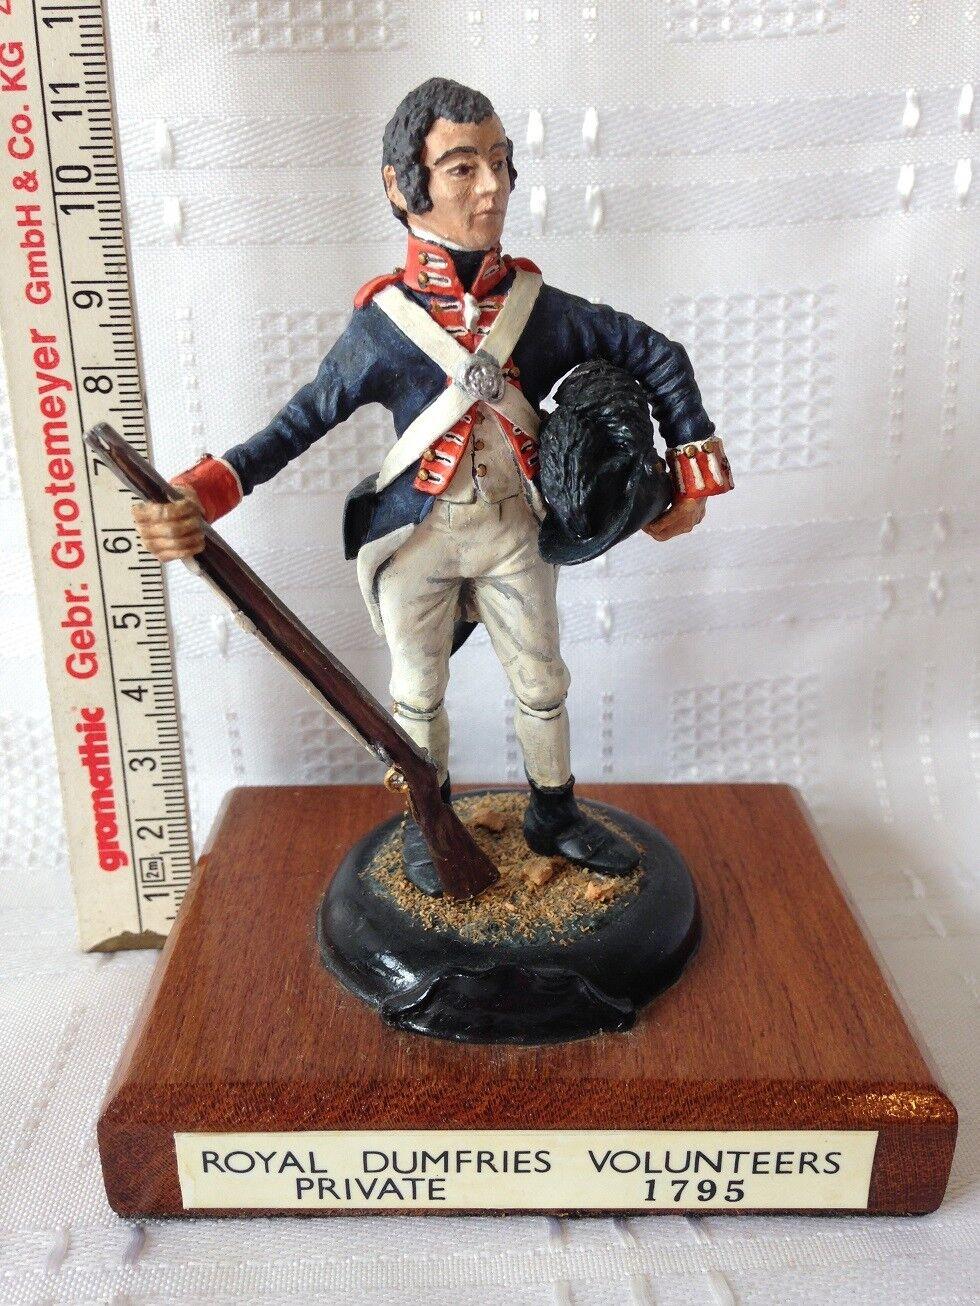 ROYAL DUMFRIES VOLUNTEERS PRIVATE - 1795. 95mm Die-Cast Figure. FREE UK POSTAGE.